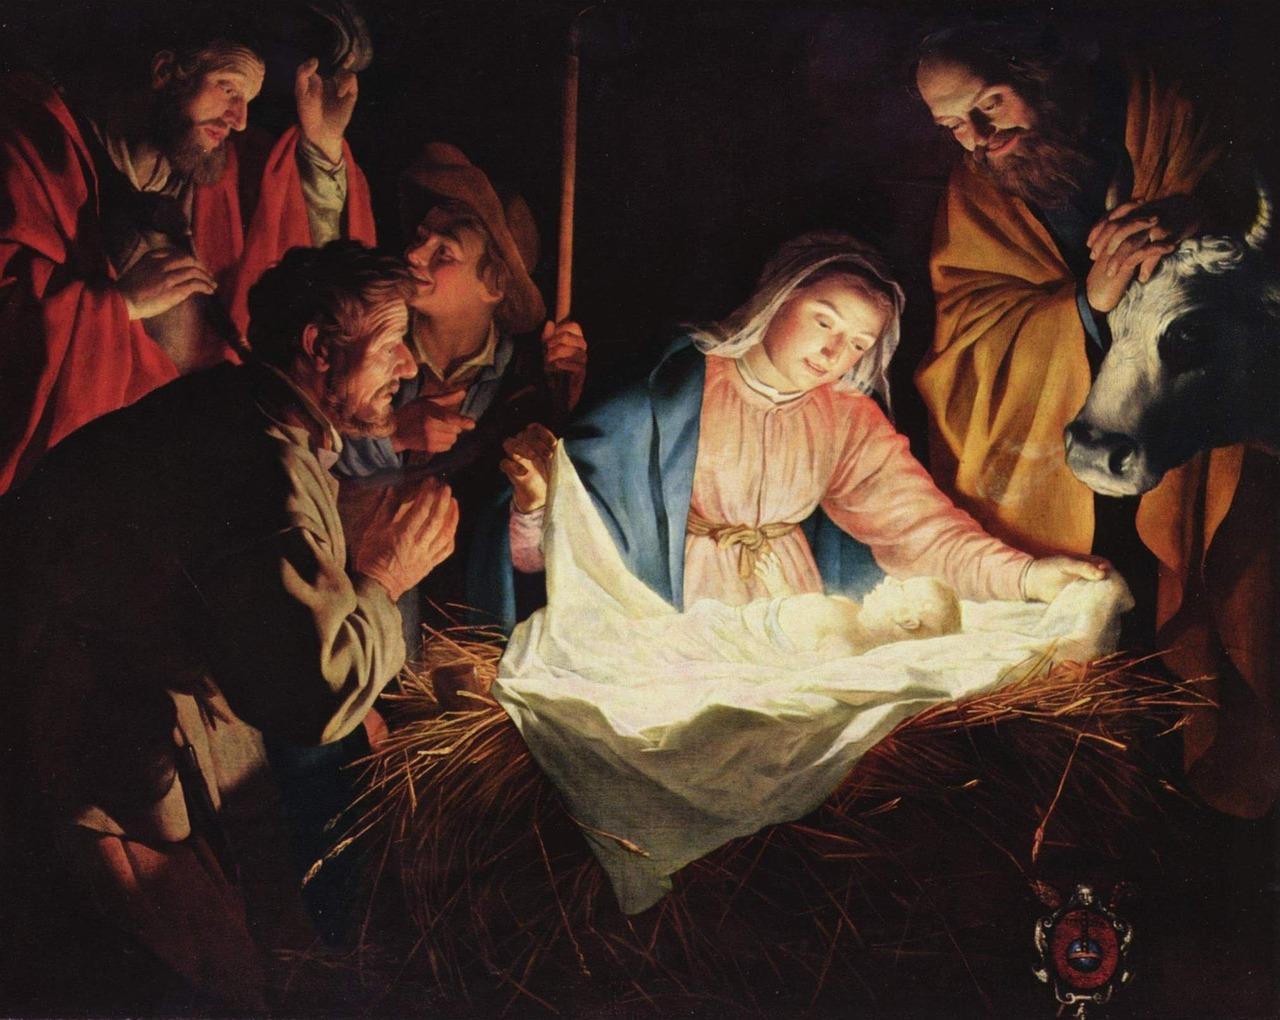 Jesus ligger i en krubba. Över honom böjer sig Maria, Josef och herdarna. Bredvid står en ko.